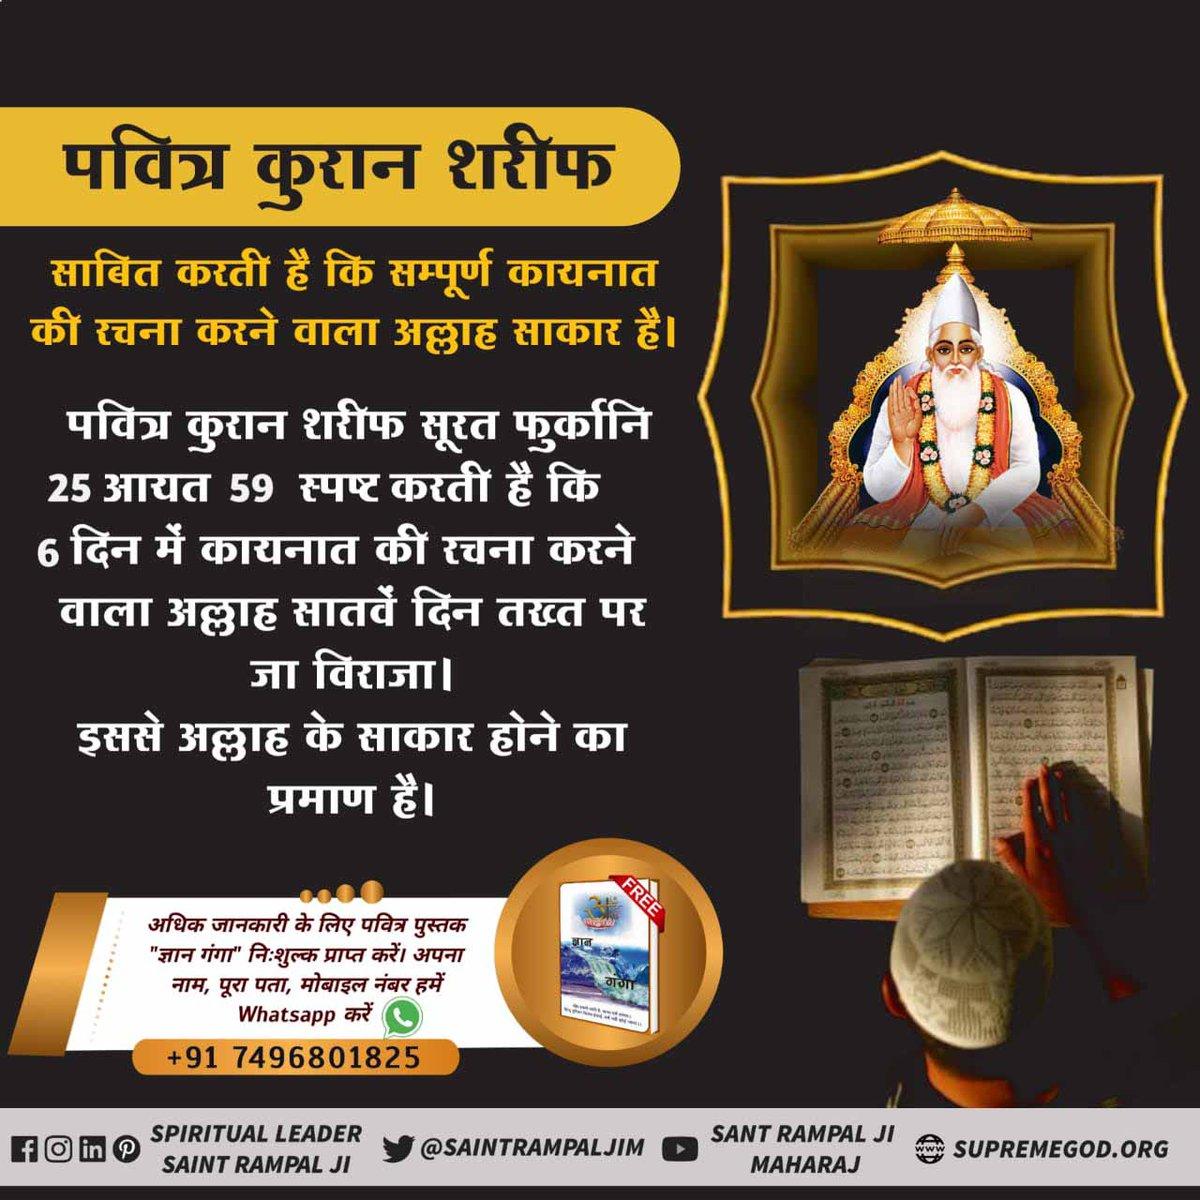 #WrongWorshipInIslam_Live क़ुरान सूरह अल-फुरकान 25 आयत 52 से 59 में लिखा है कि कबीर परमात्मा ने छः दिन में सृष्टी की रचना की तथा सातवें दिन तख्त पर जा विराजा। जिस से परमात्मा साकार सिद्ध होता है।  #IPLfinal #BiharElectionResults2020 #DCvMI  @AajKamranKhan